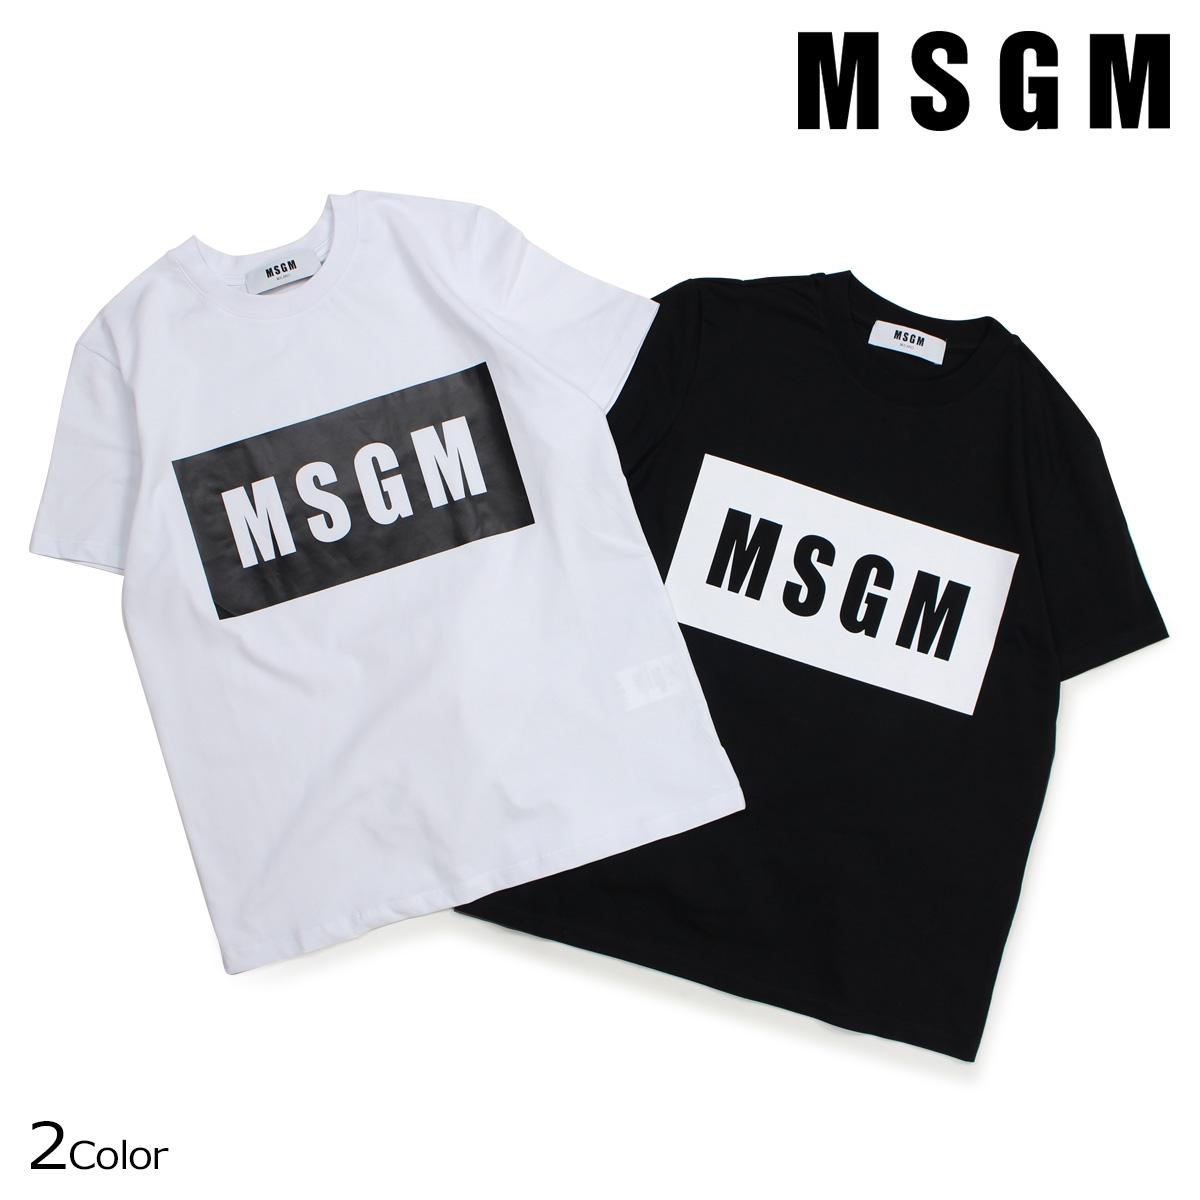 MSGM BOX LOGO TEE Tシャツ レディース エムエスジーエム 半袖 ブラック ホワイト MDM95-184299